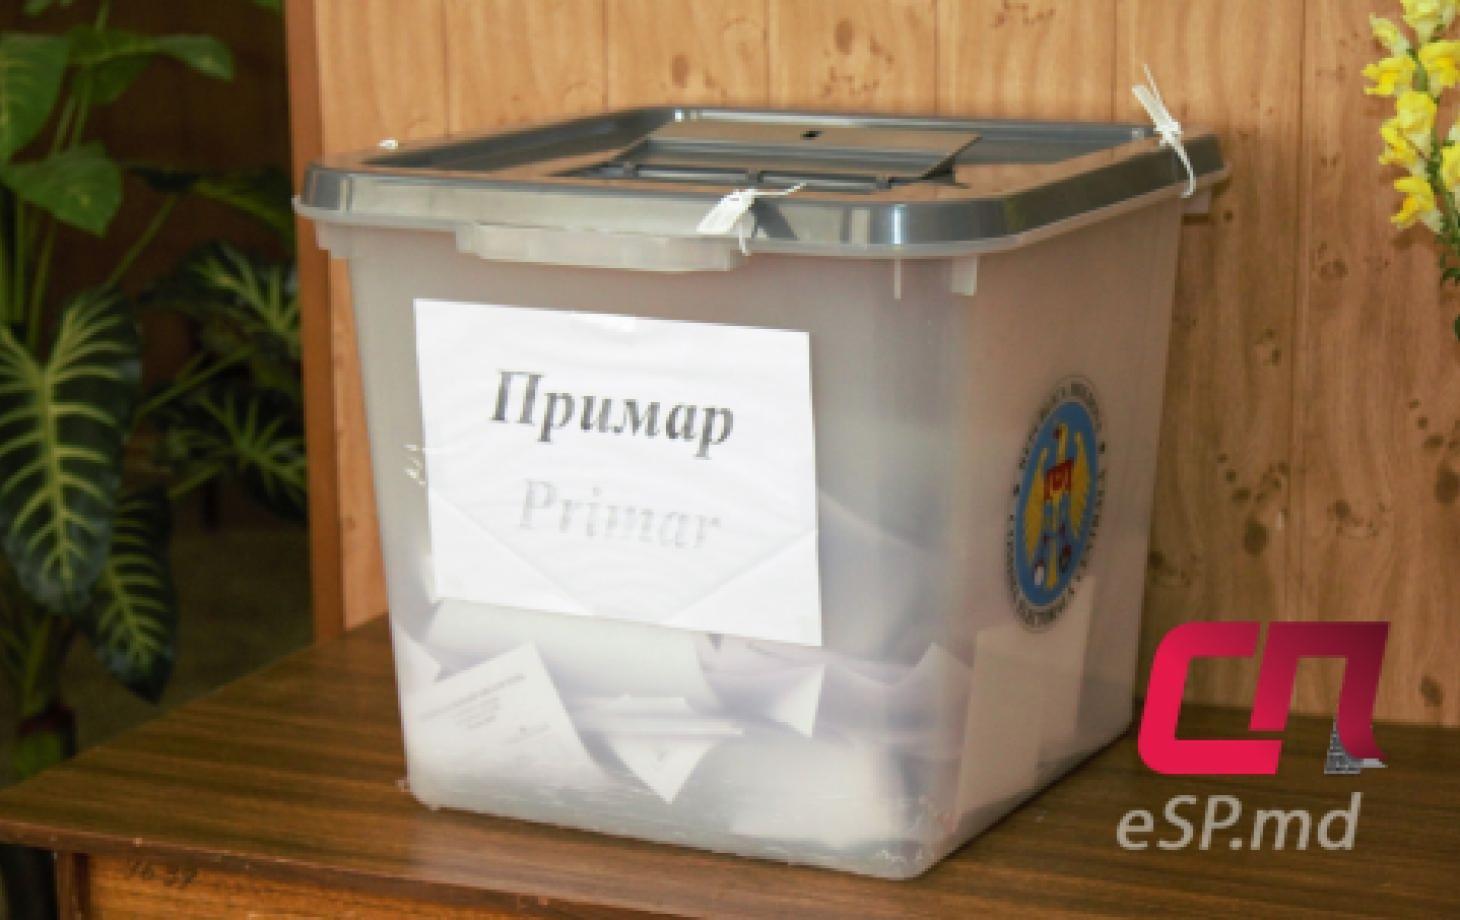 Выборы примара в Бельцах